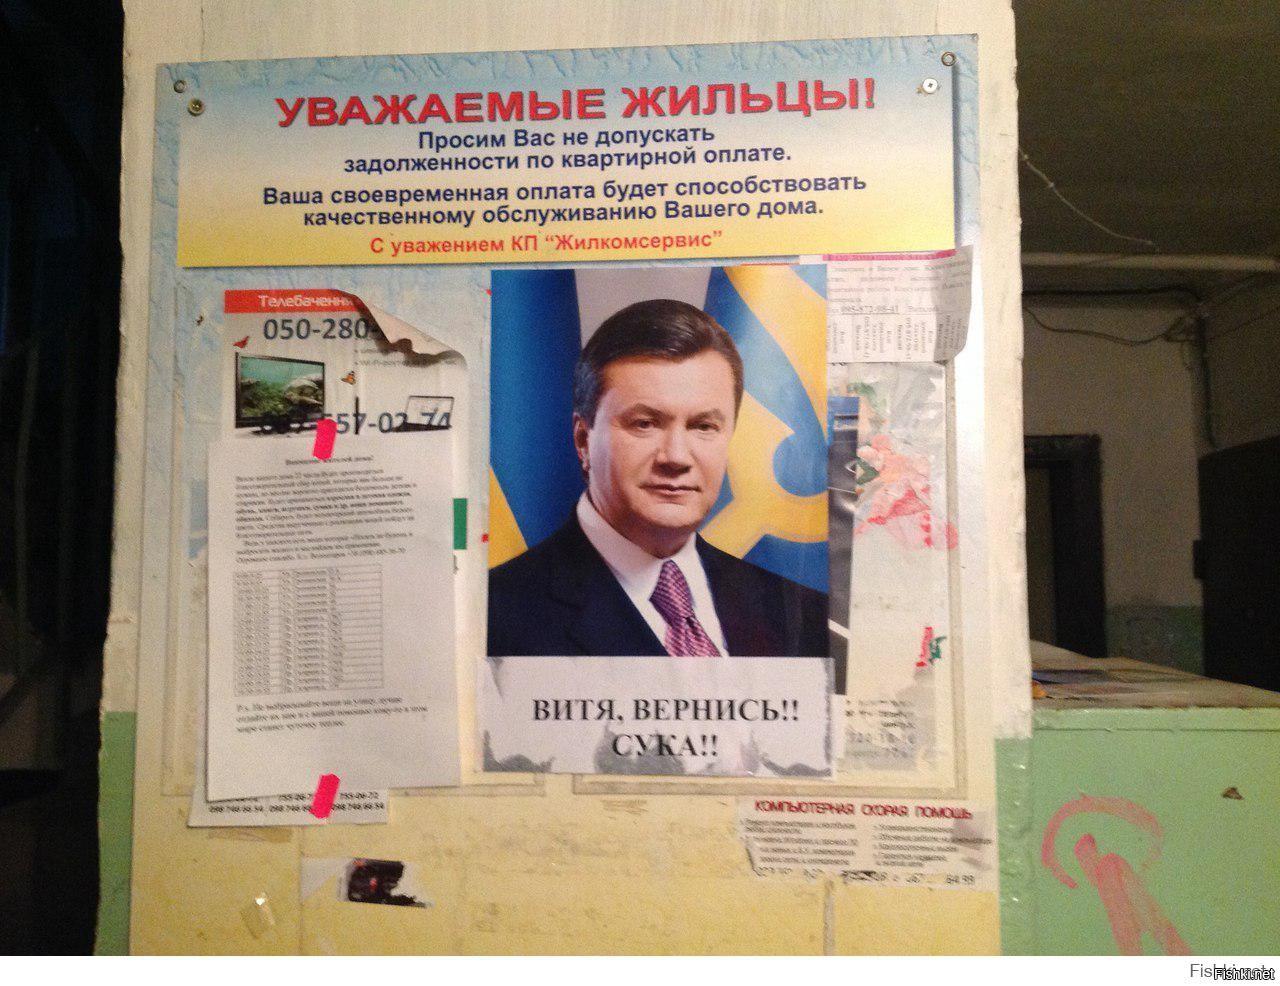 Большинство зрителей канала NewsOne высказались за возвращение Януковича